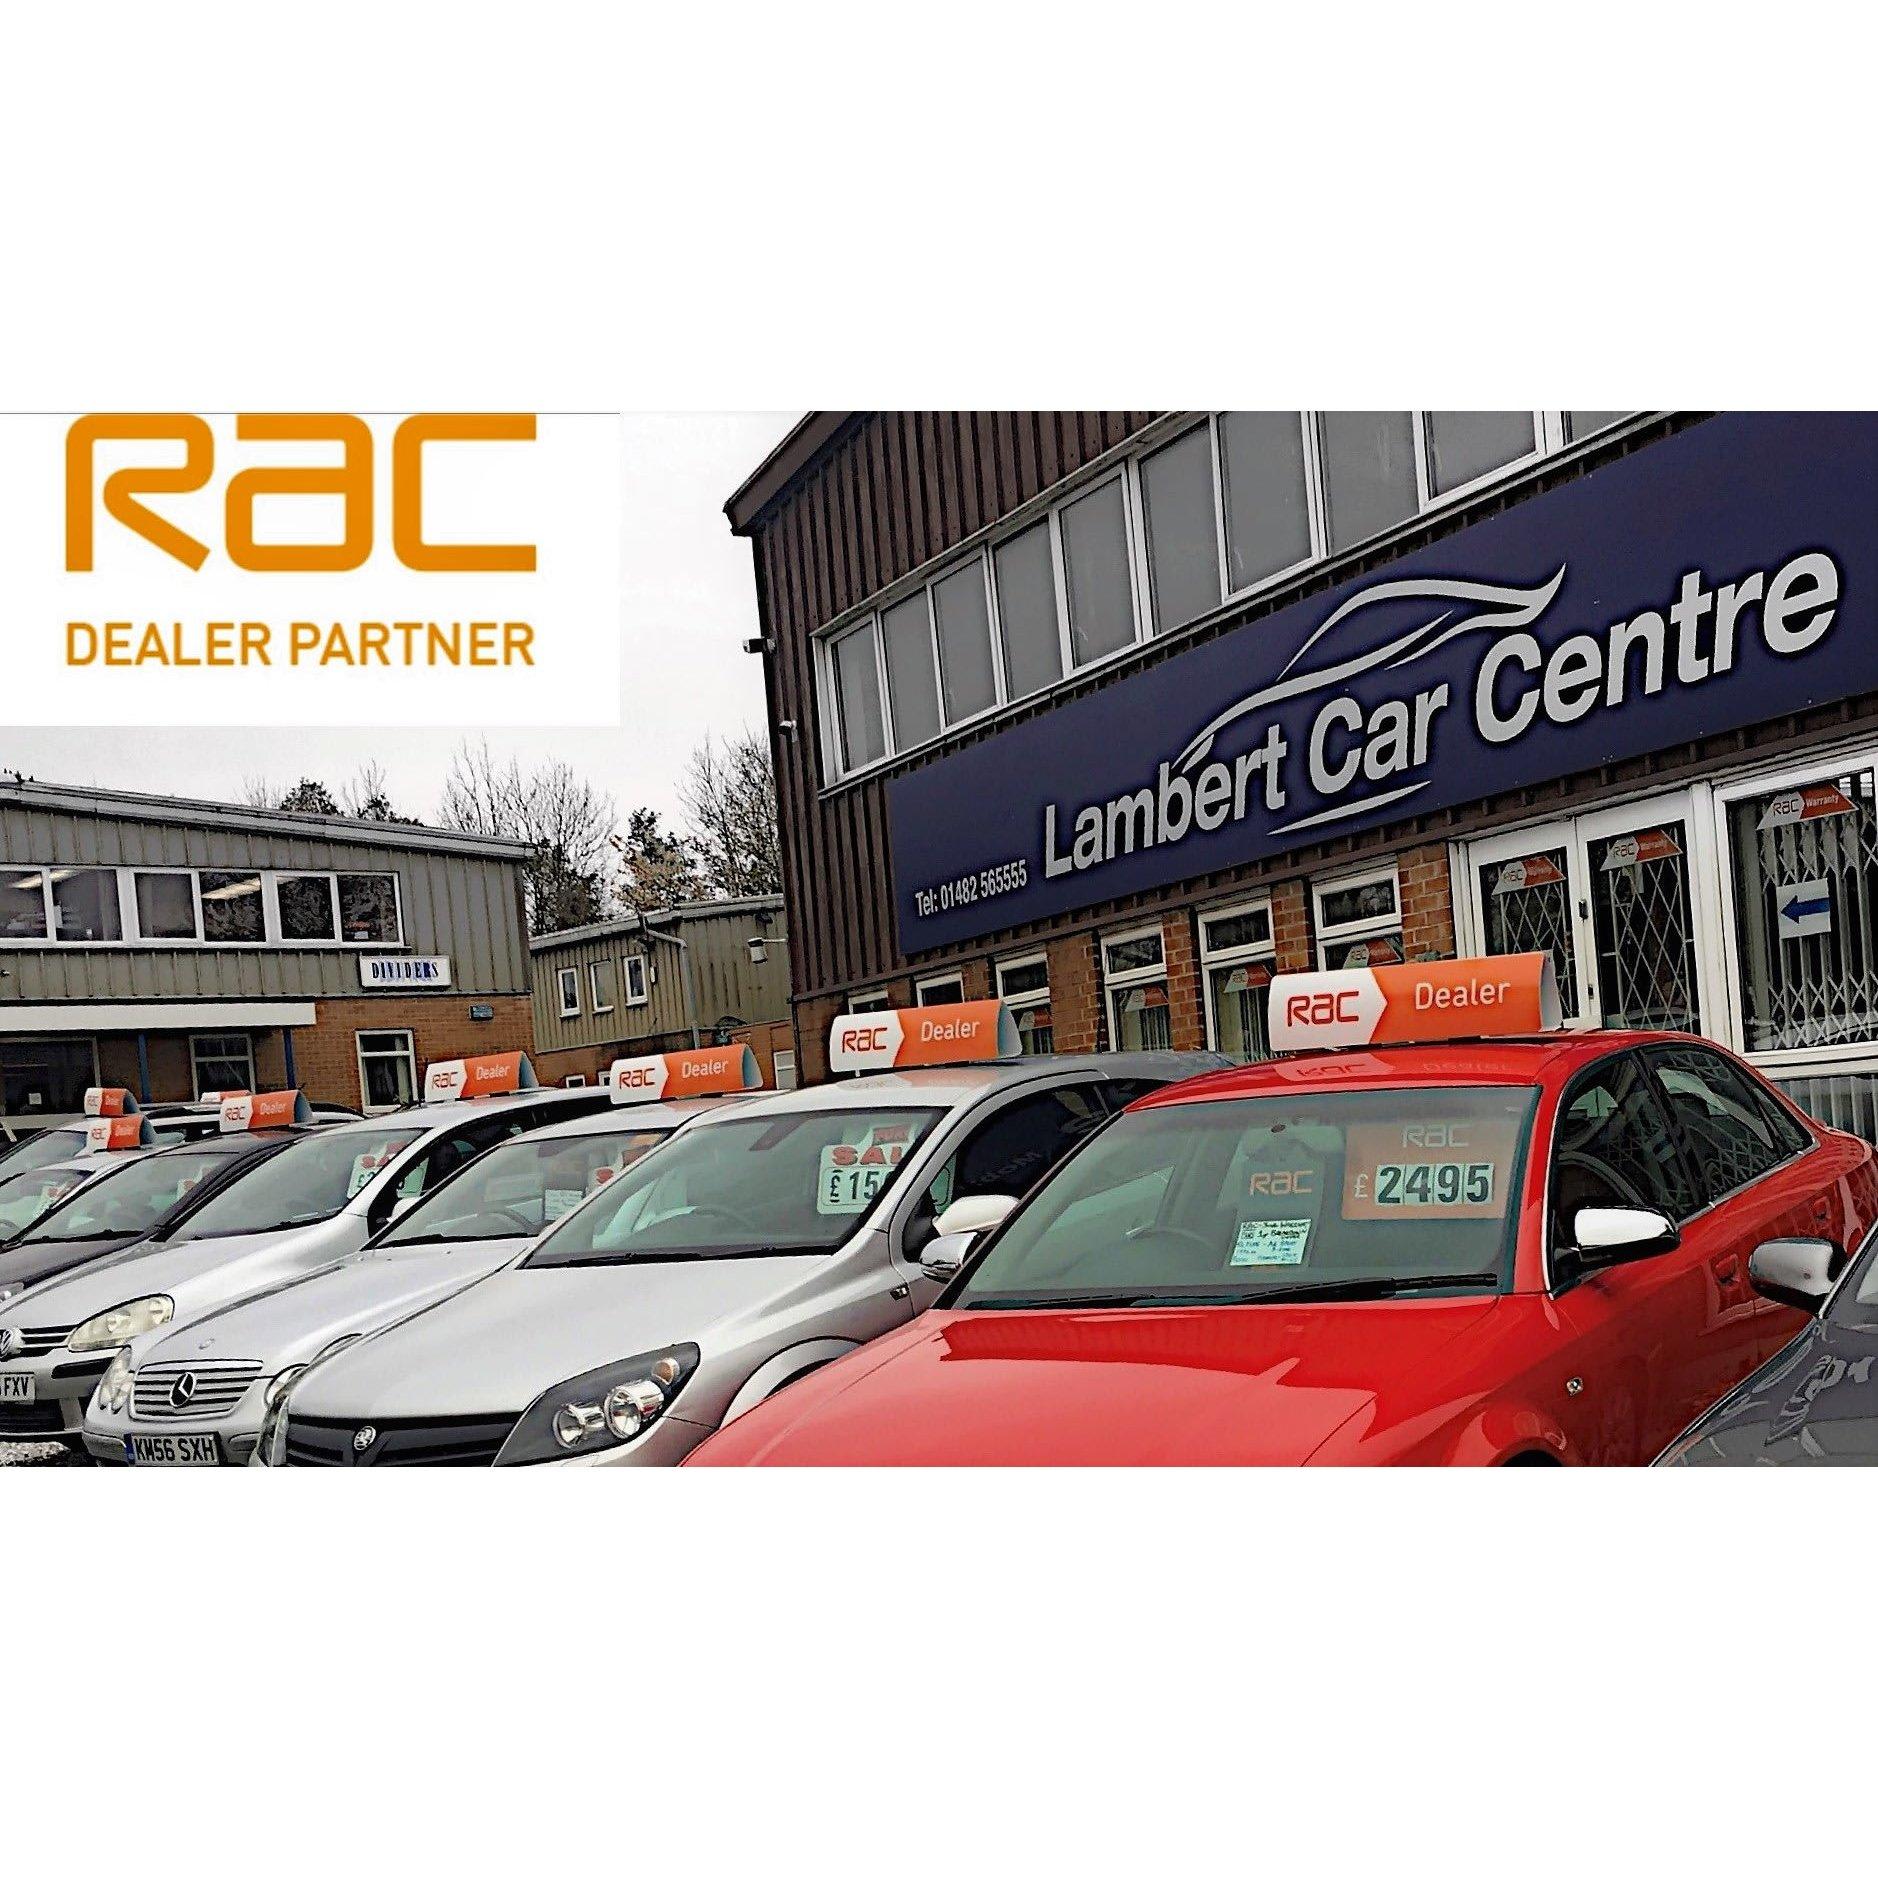 Lambert Car Sales Ltd